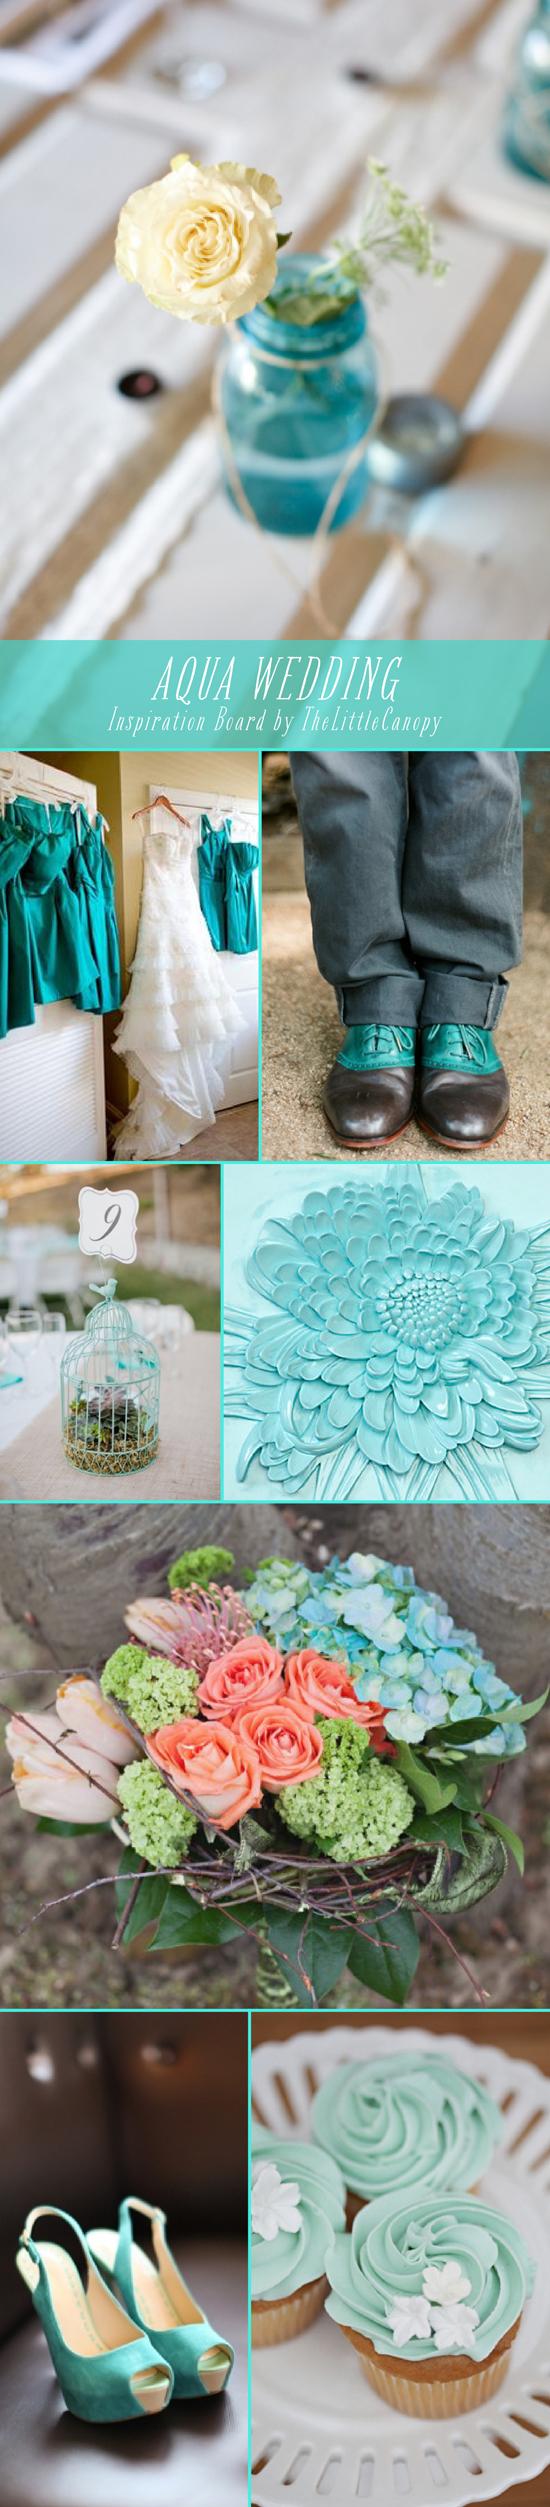 The Little Canopy Artsy Weddings Indie Weddings Vintage Weddings Diy Weddings 2014 September